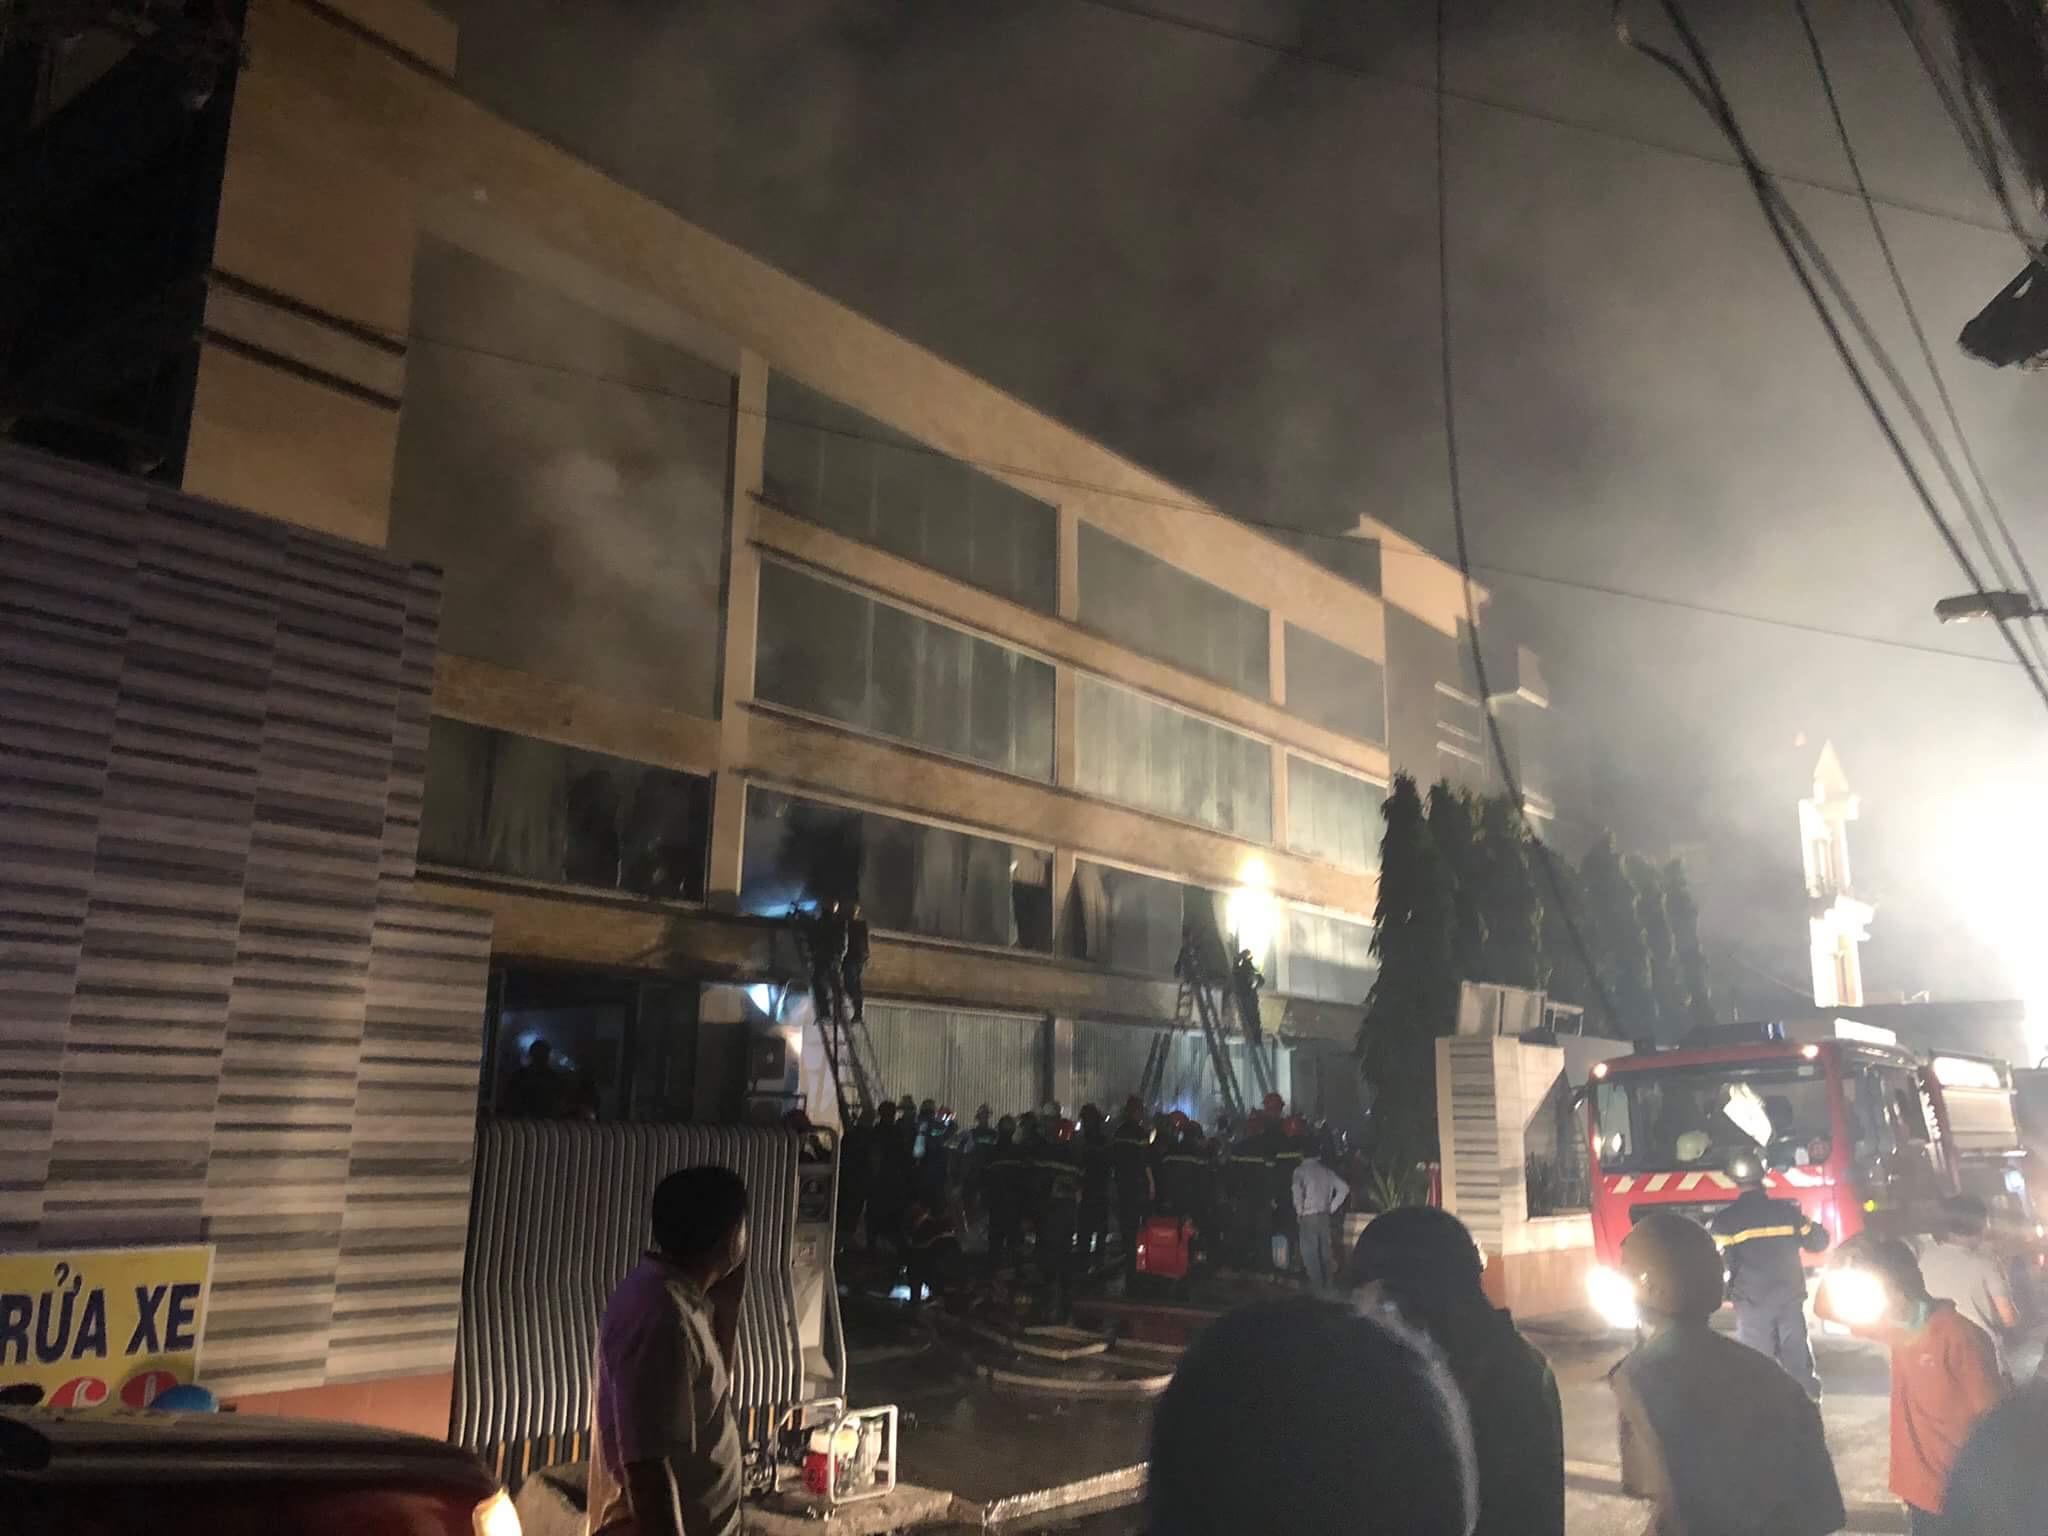 Hàng trăm lính cứu hỏa vật lộn với đám cháy xưởng bánh kẹo rộng gần 2.000m2 - 1